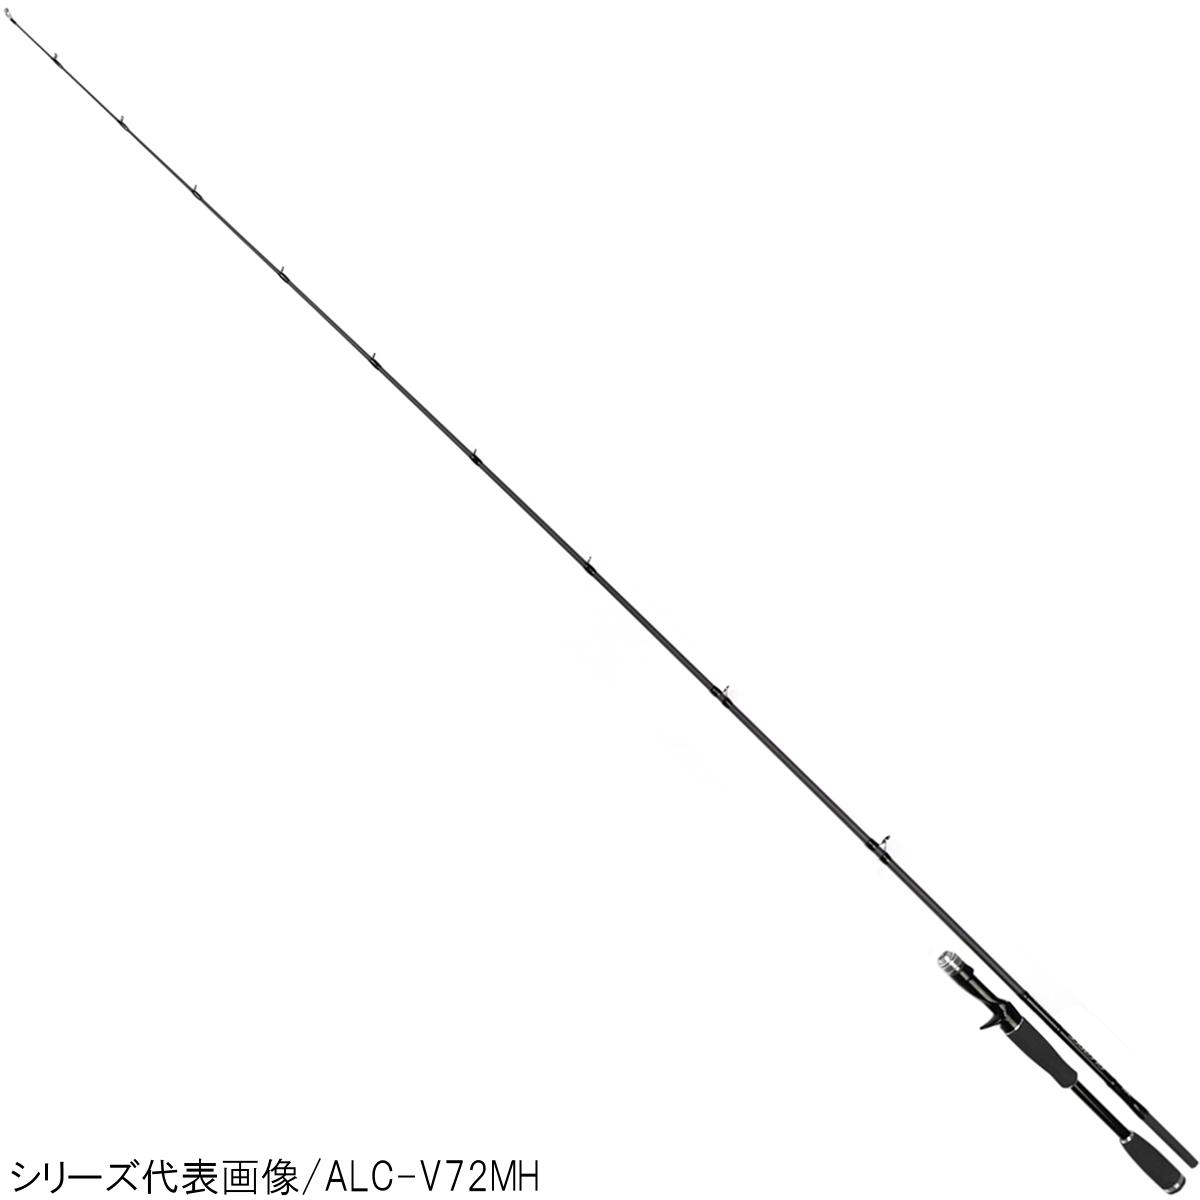 ジーピーアイ アルカンセ ALC-V610M【大型商品】